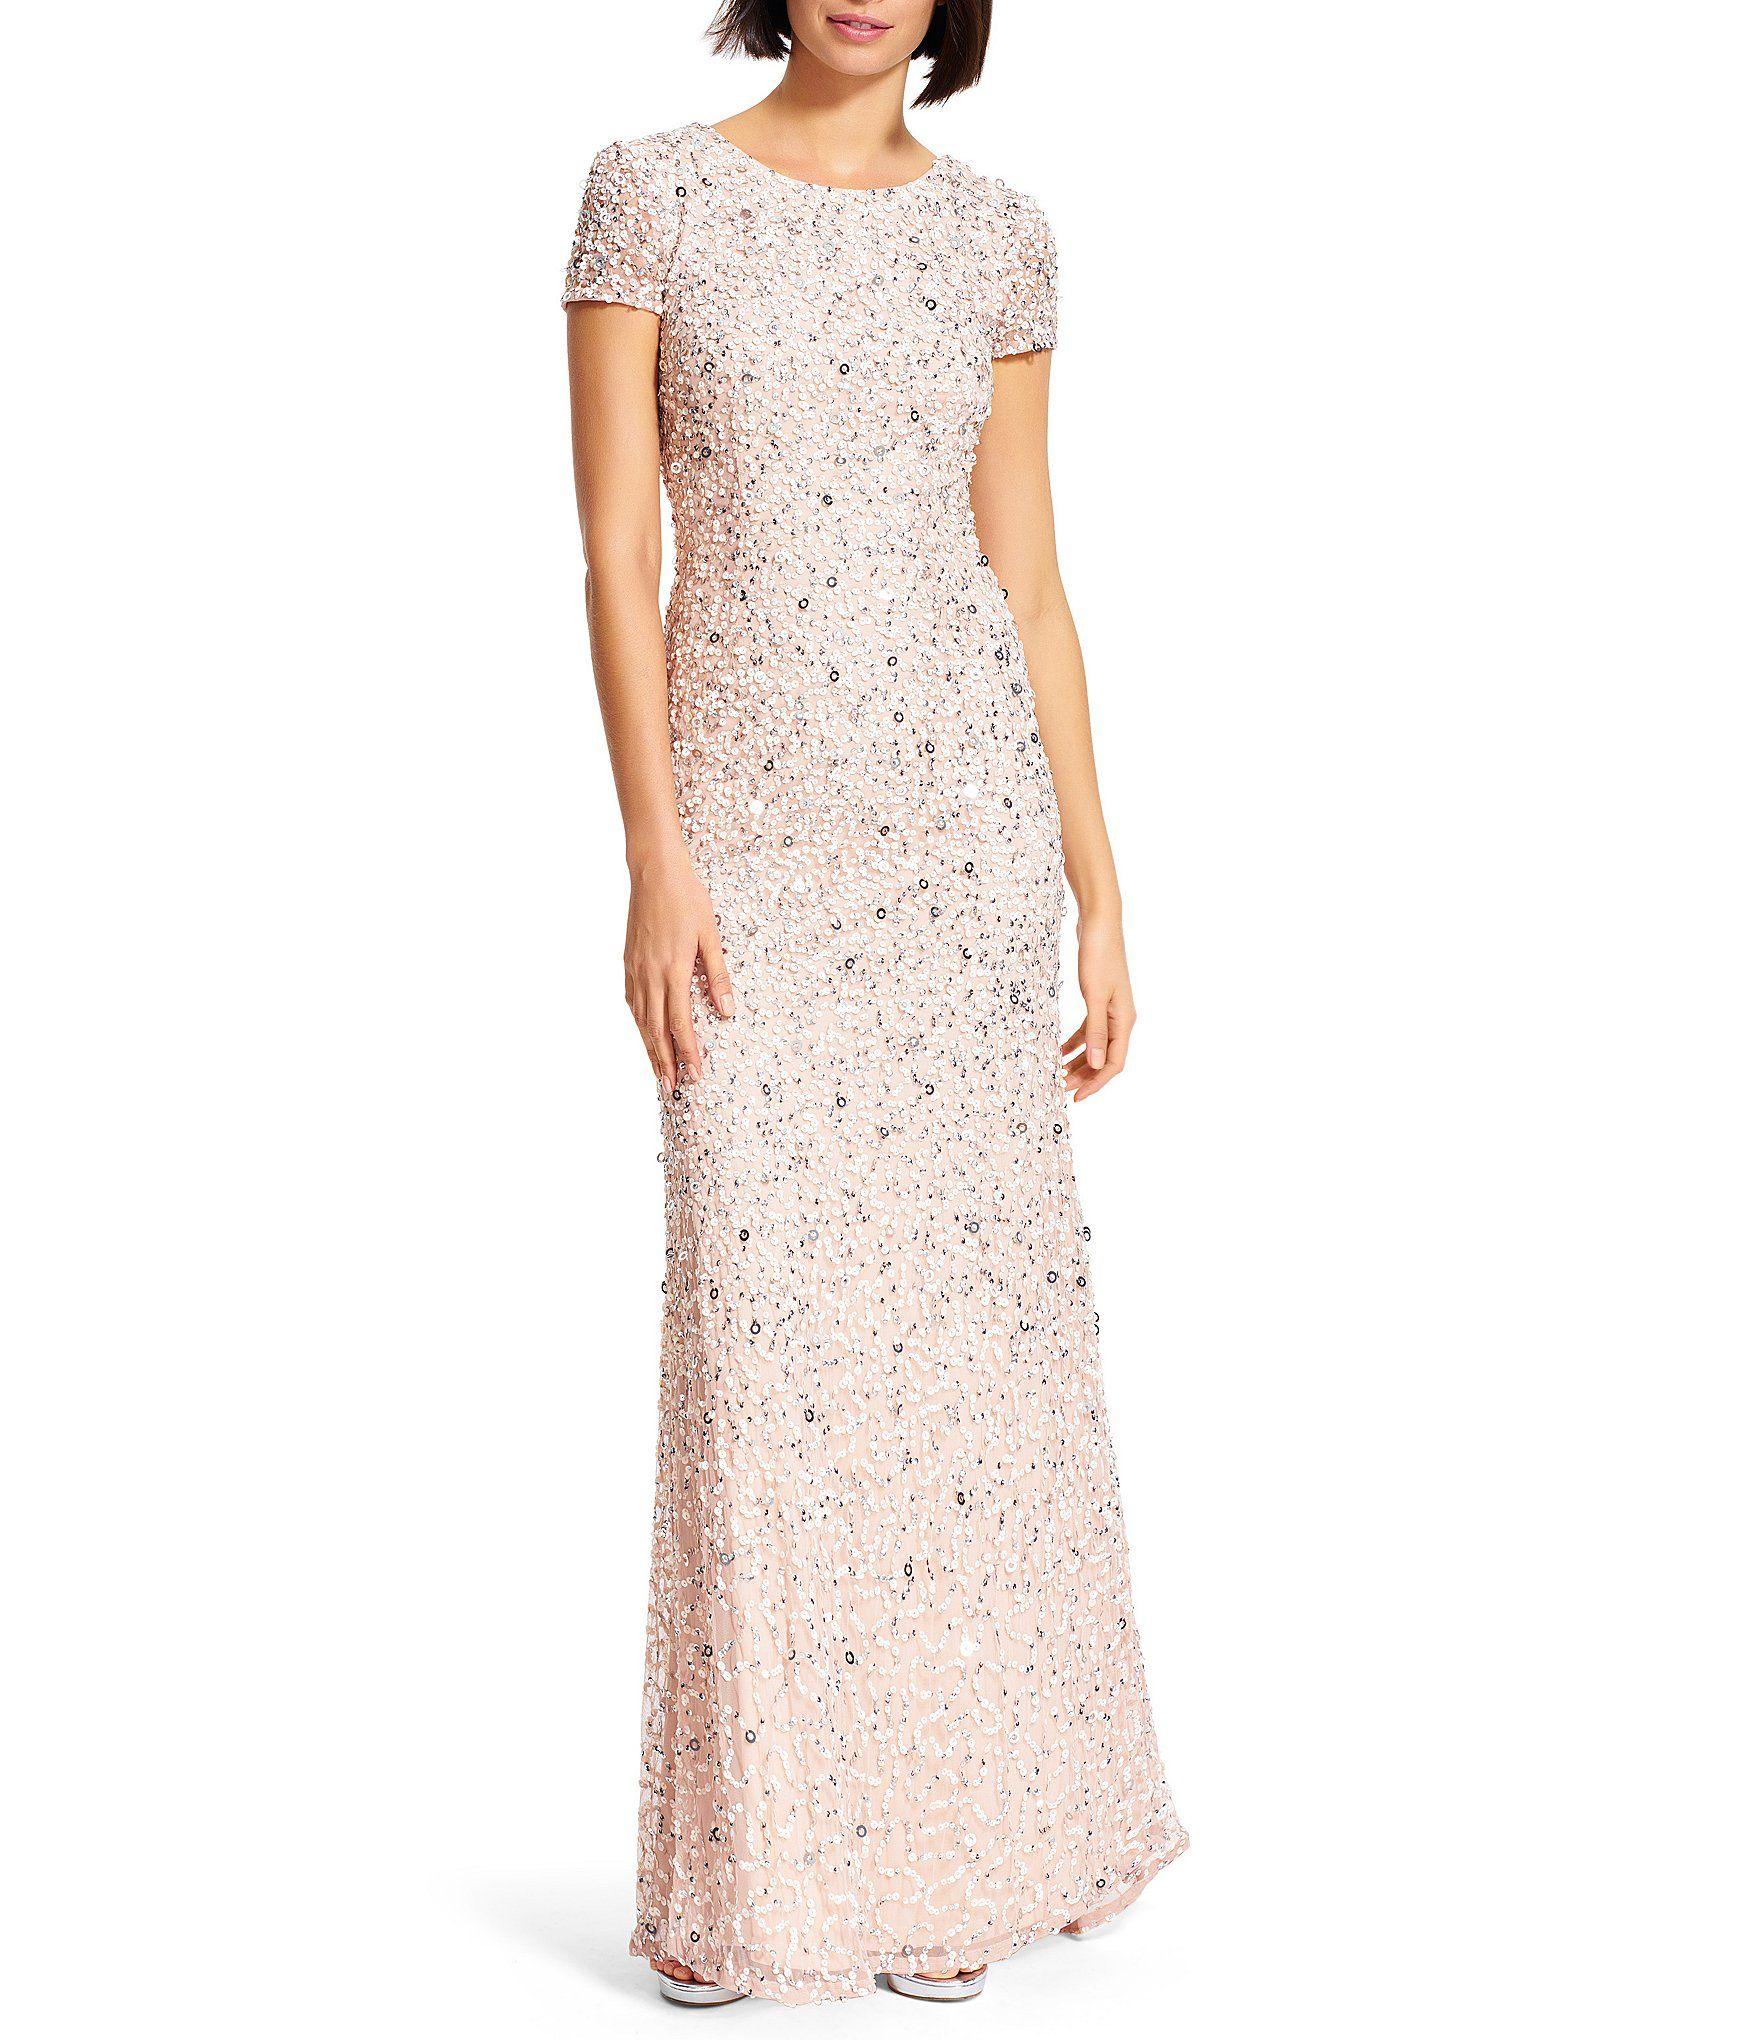 f6b9d1bfa92 Dillards Petite Dressy Dresses - Gomes Weine AG